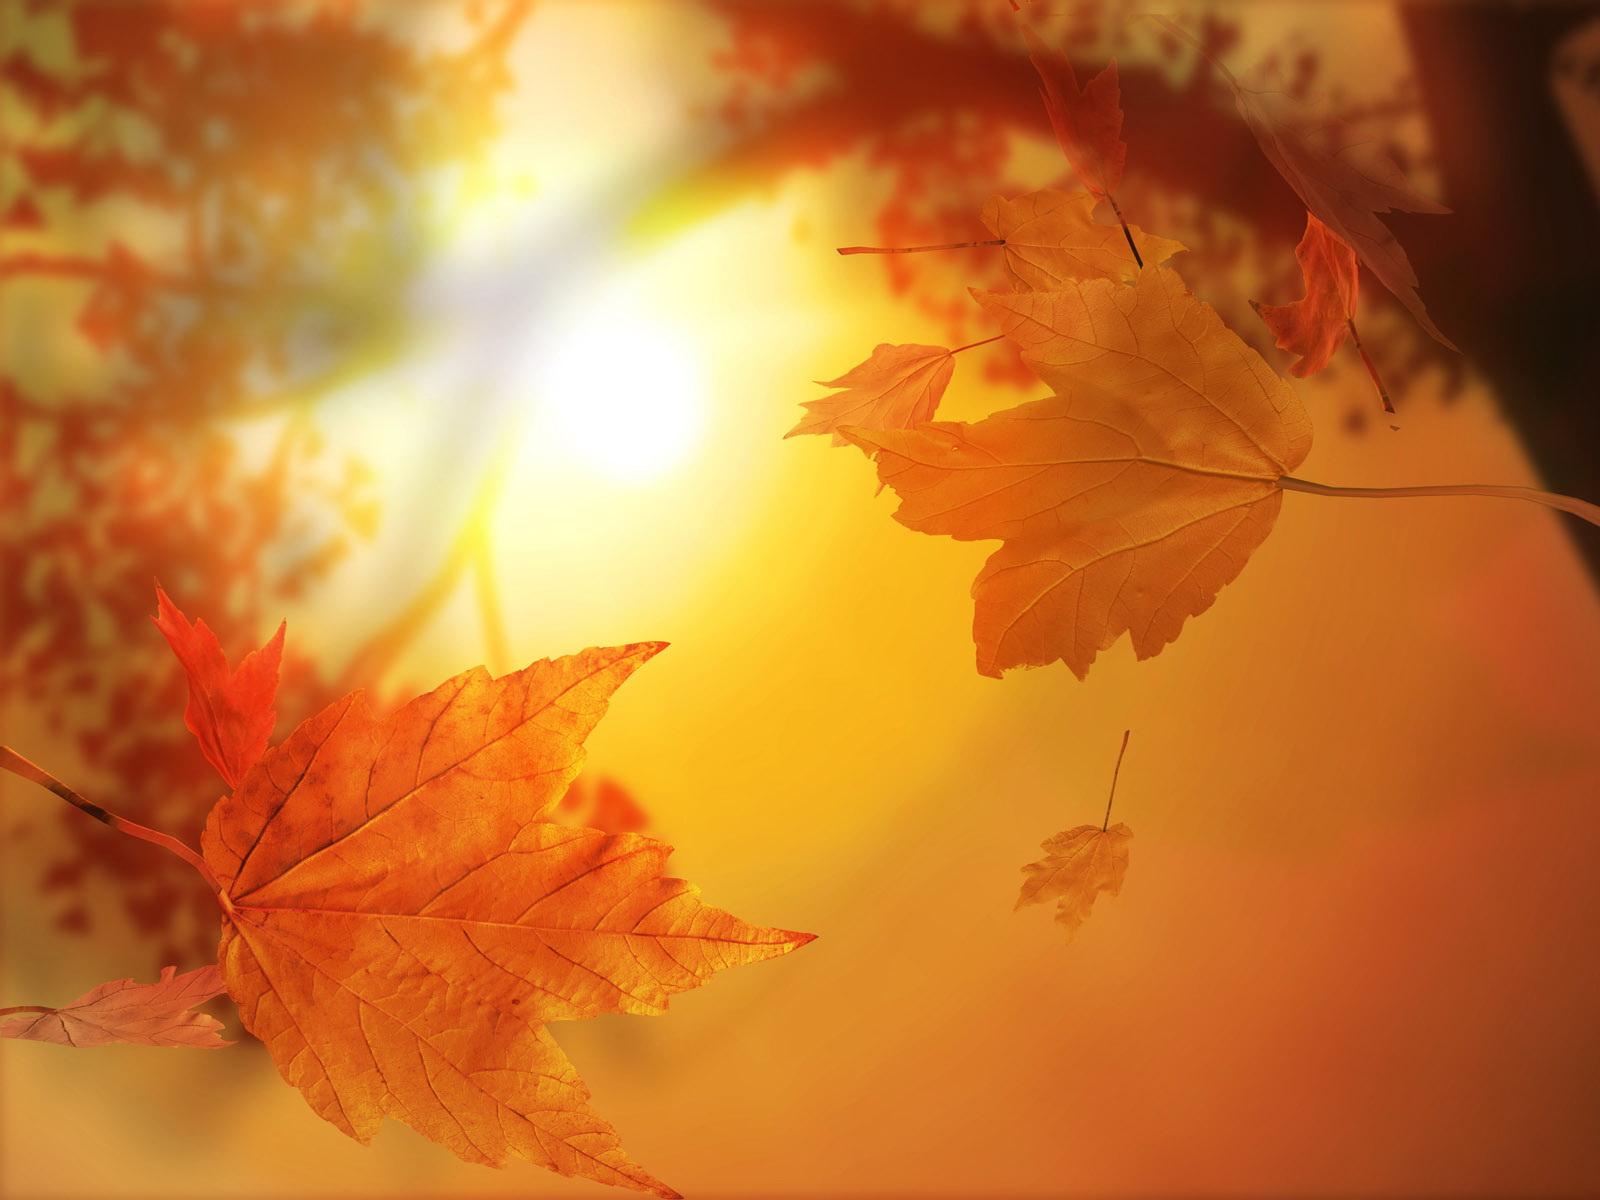 осеннее солнца, скачать фото, листья, обои для рабочего стола